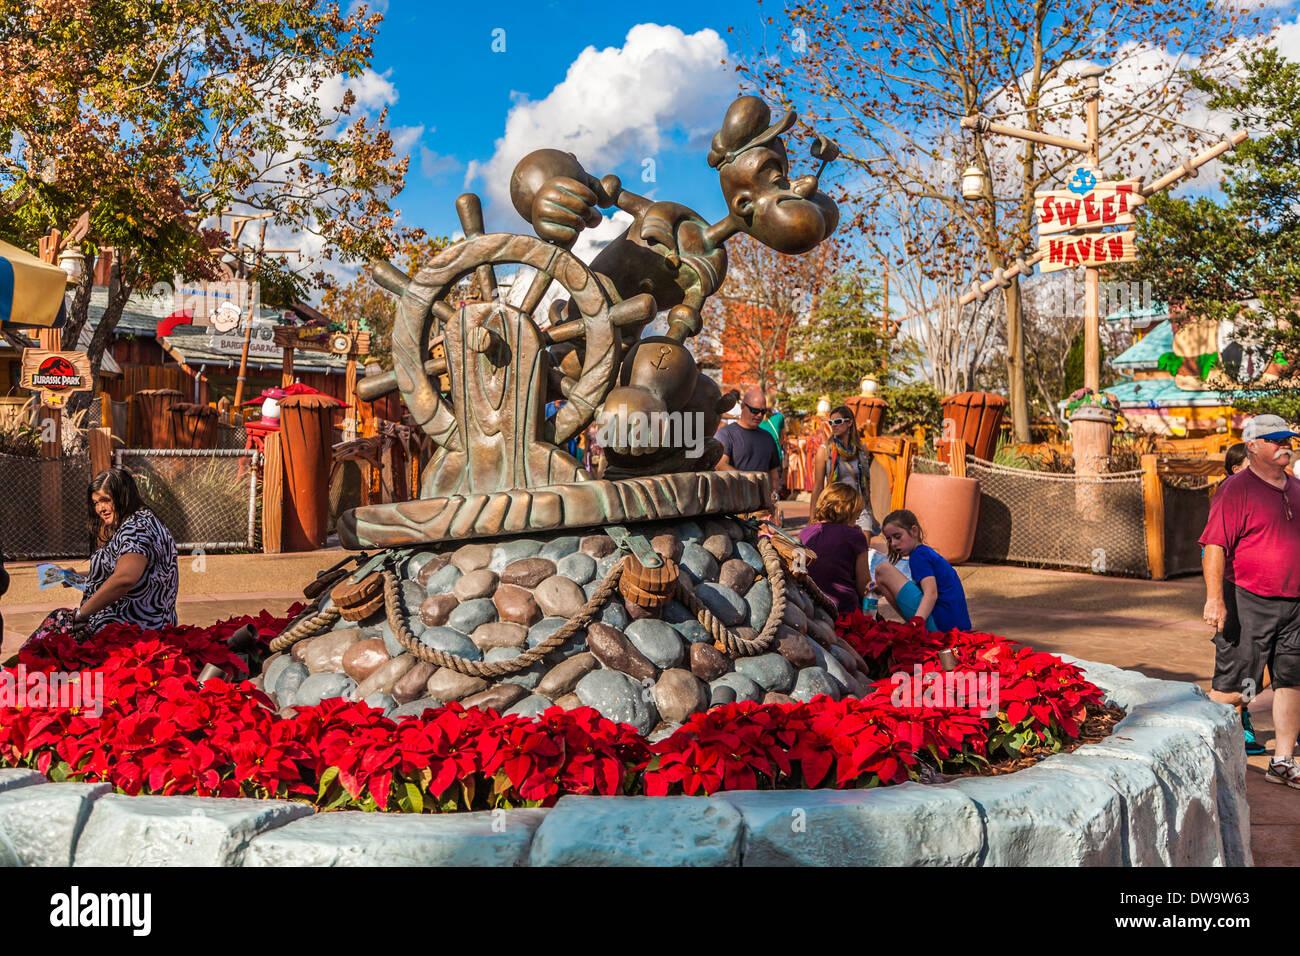 Park-Gäste-Rest auf Basis der Popeye-Statue in Toon Lagune bei Universal Studios Islands of Adventure in Orlando, Florida Stockbild